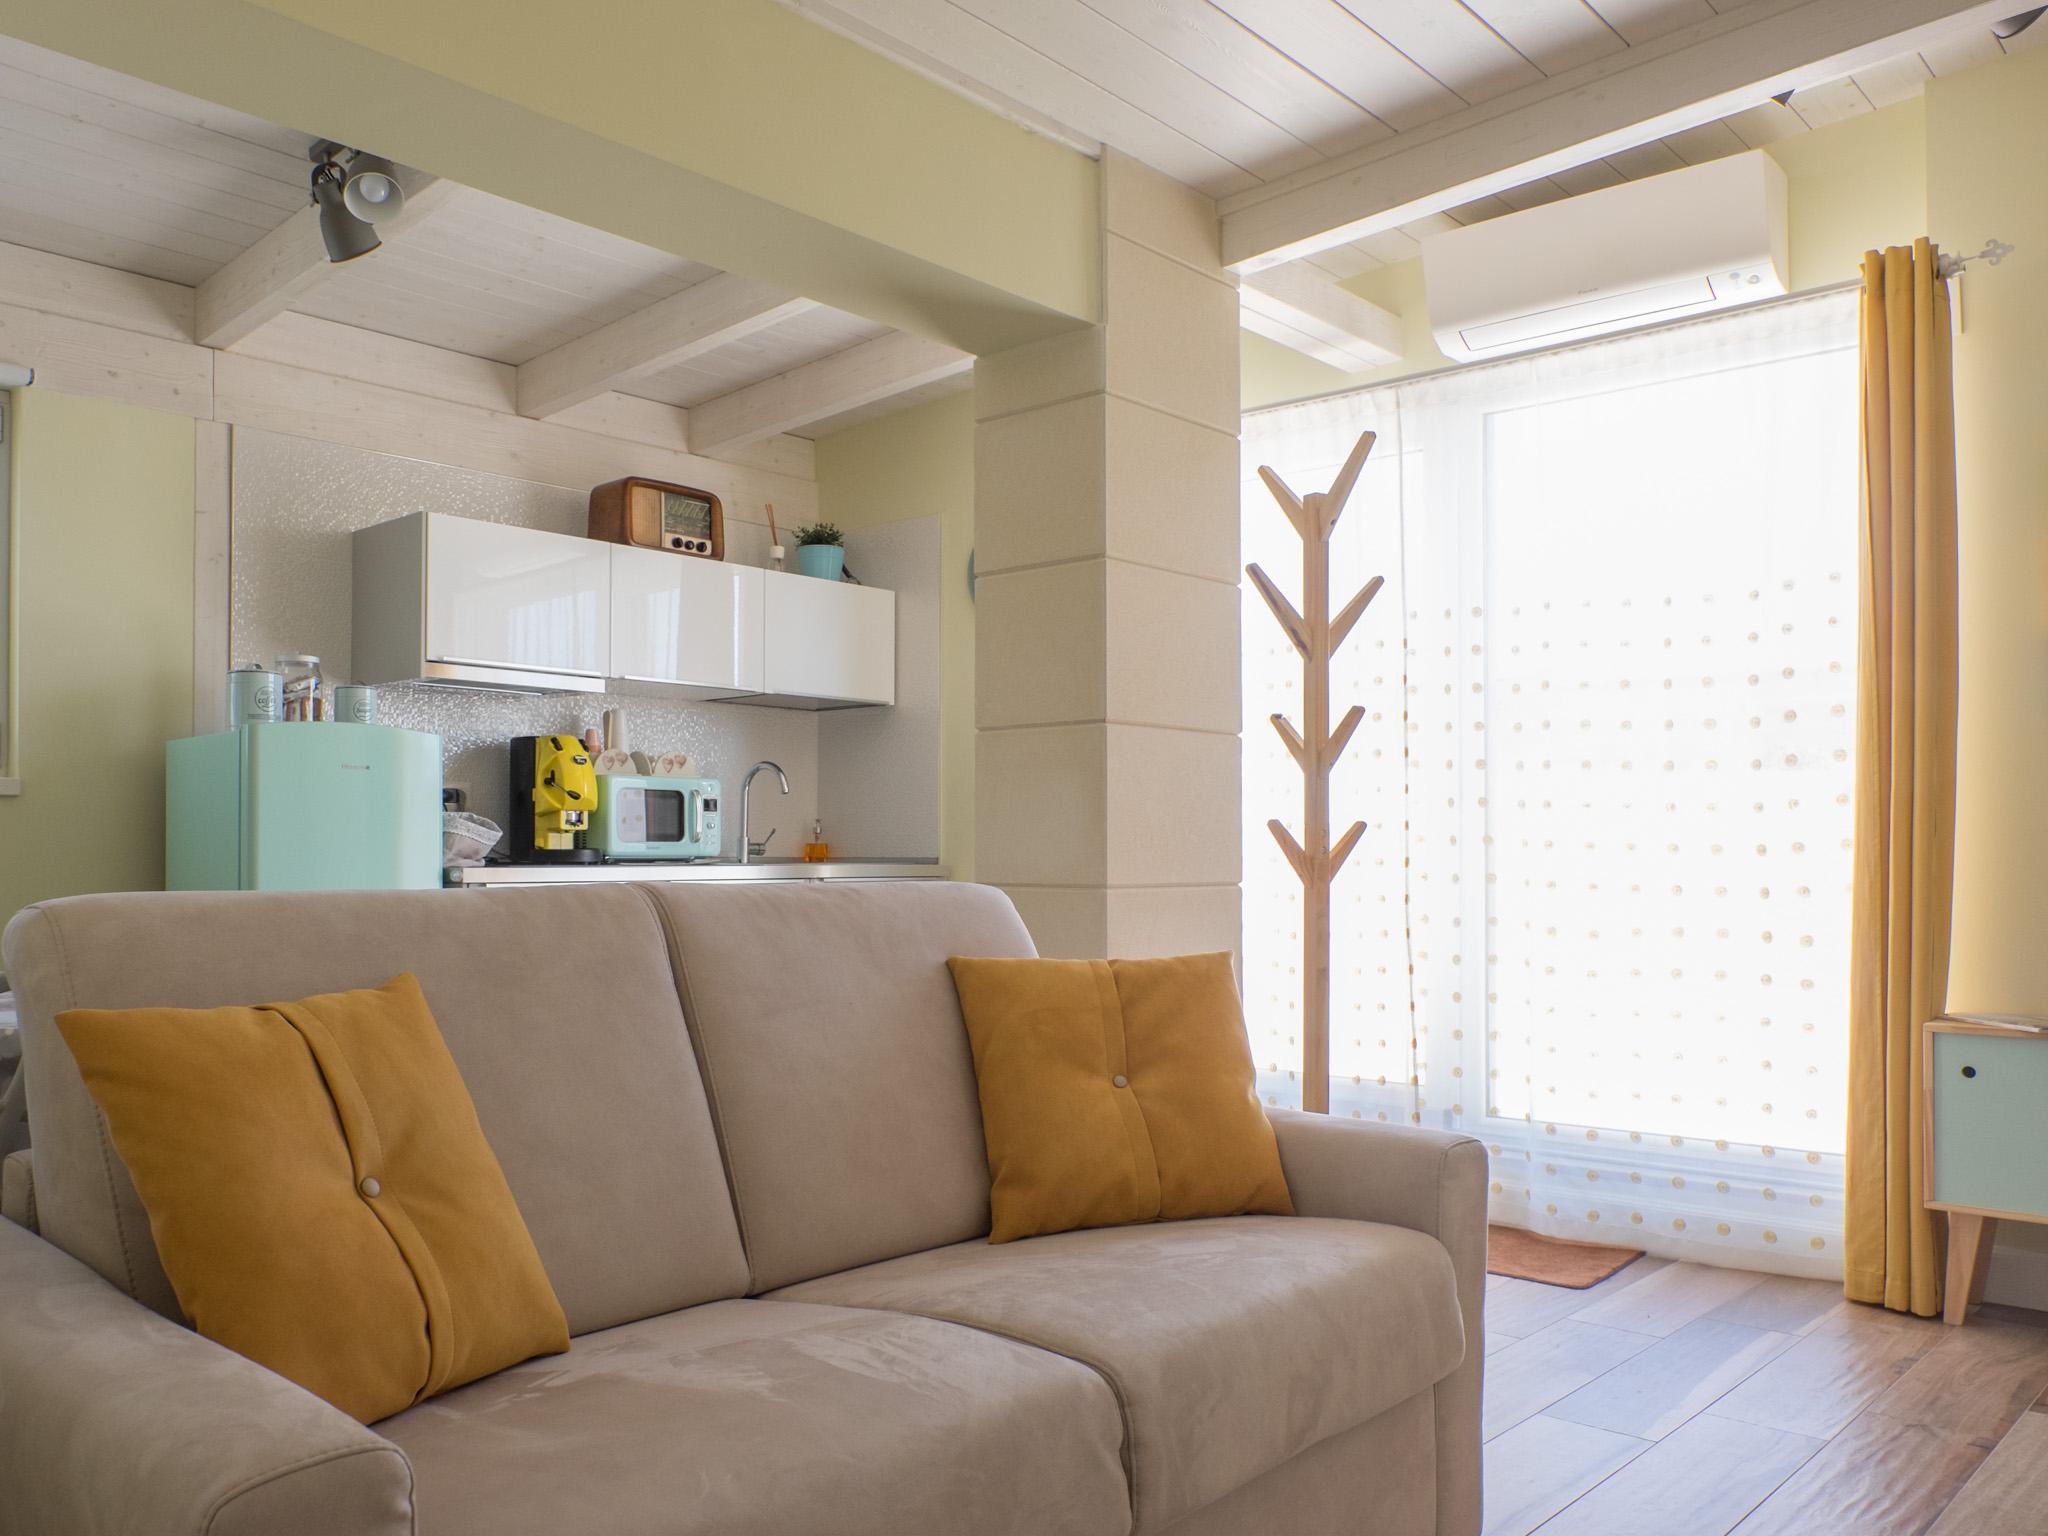 sanniti apartments la-casa-dei-nonni-casa-vacanze-bb-camere-dormire-sassi-di-matera-basilicata-17